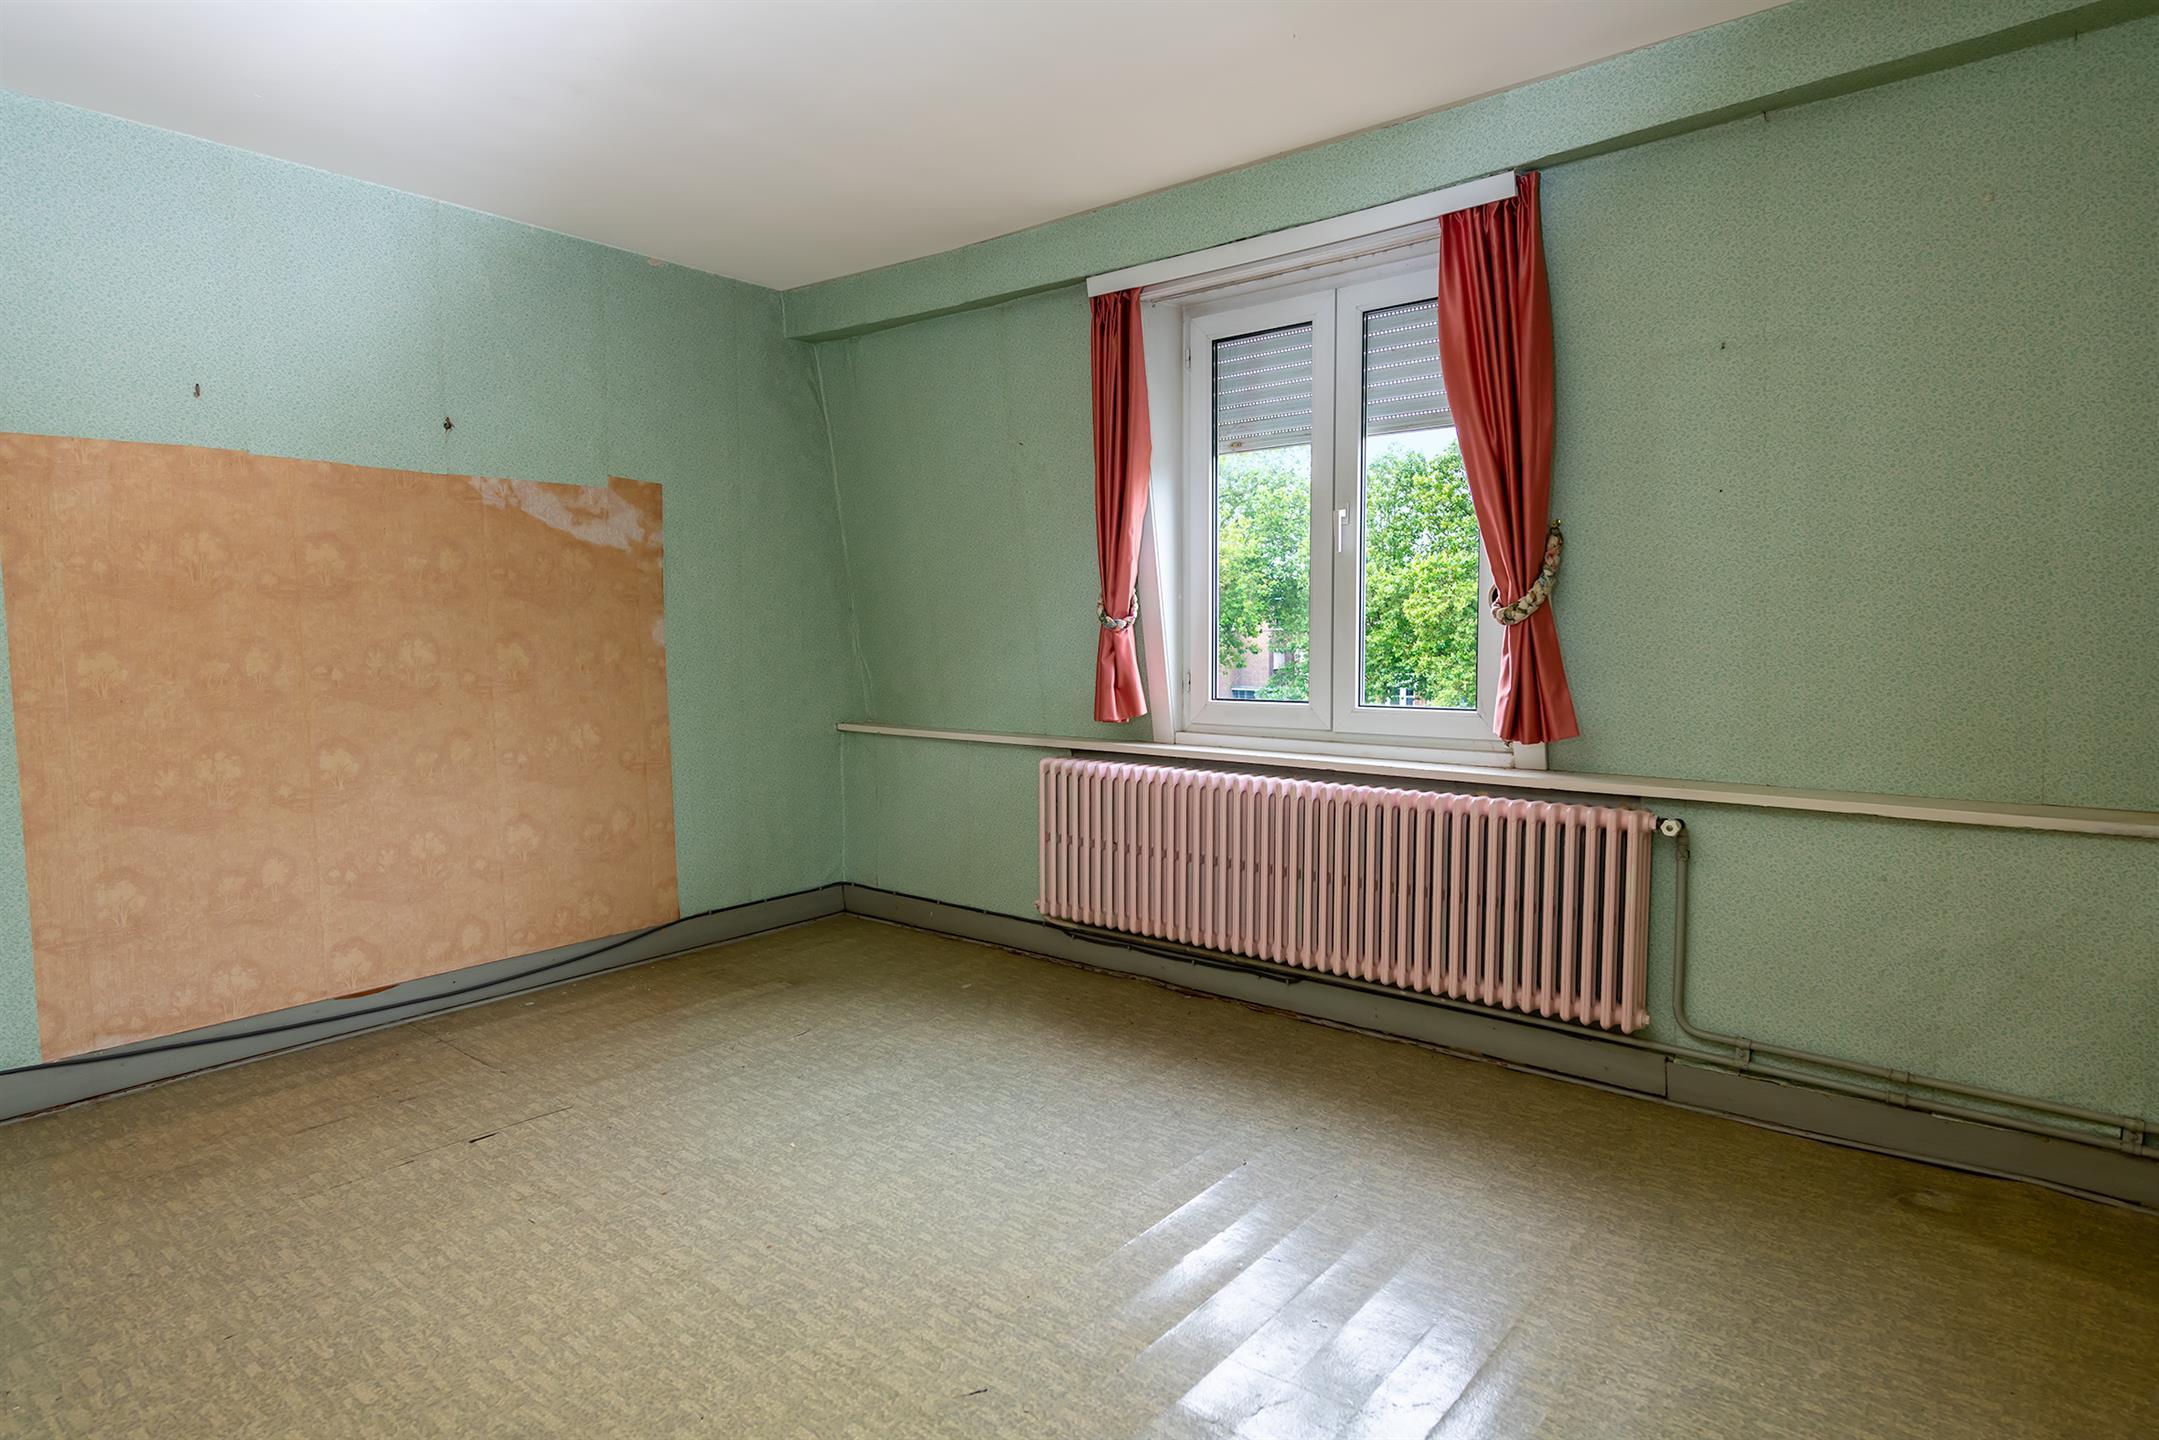 Maison - Mechelen - #4346897-14